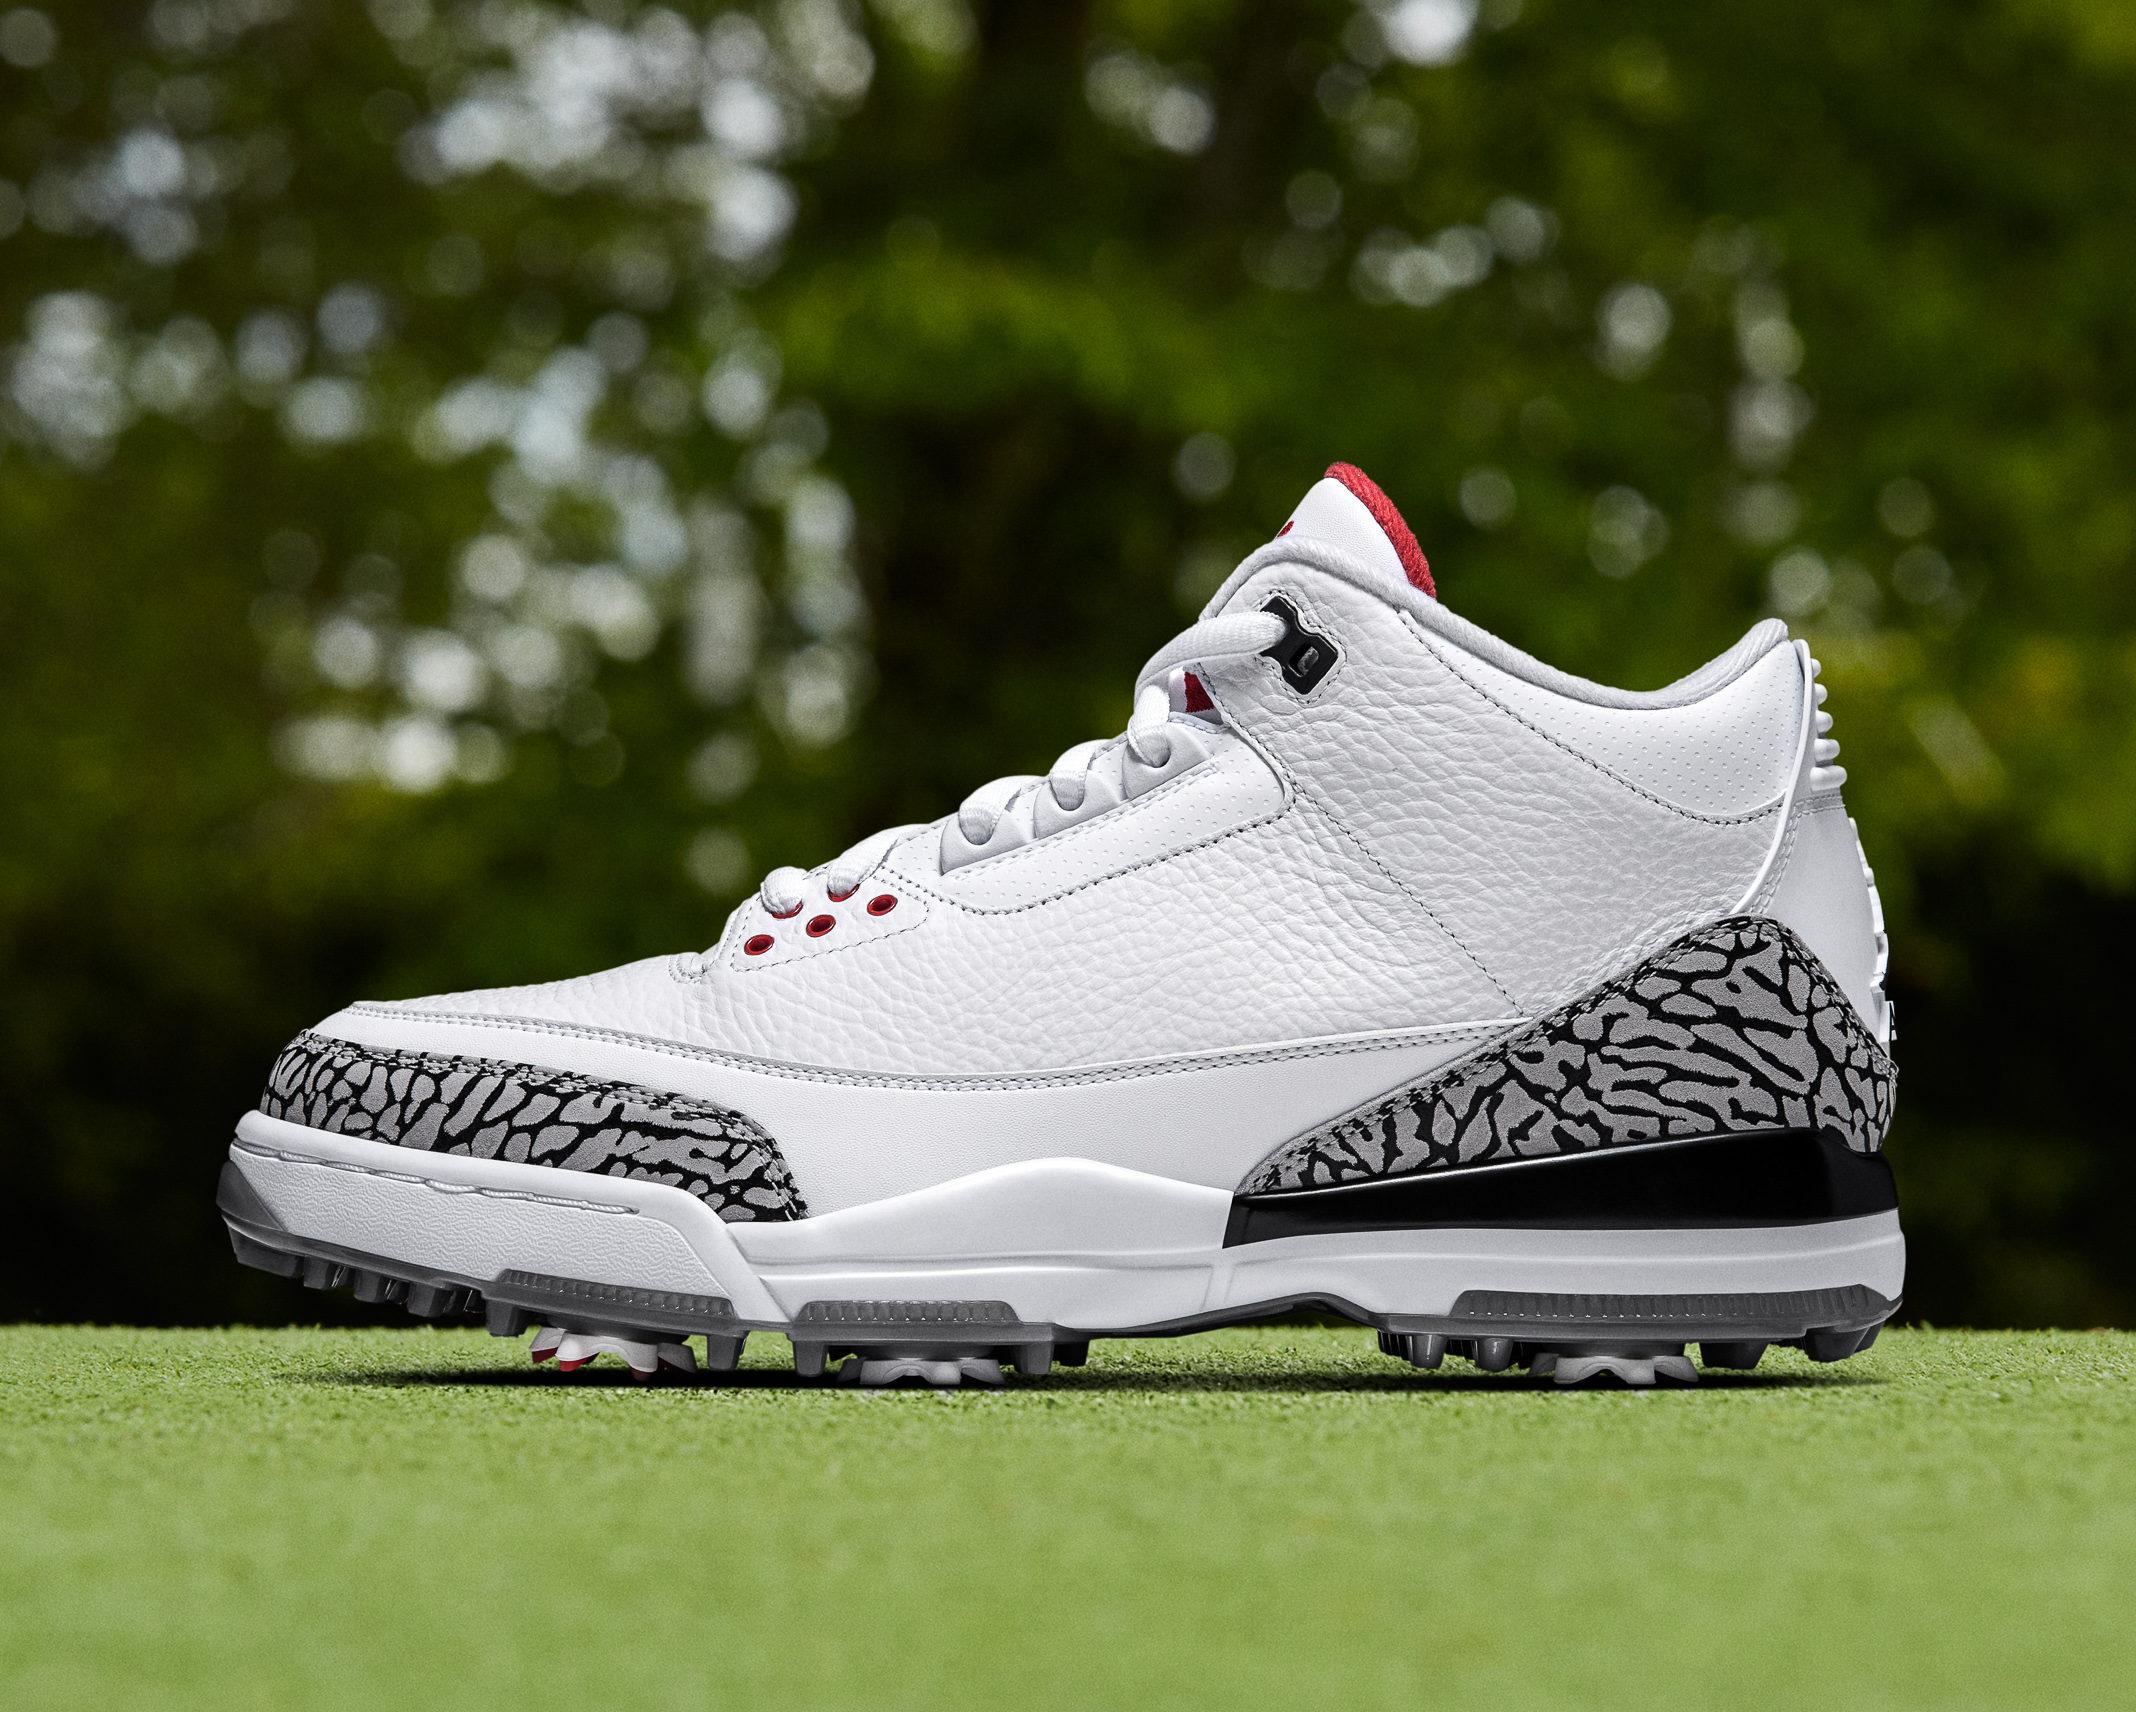 Nike fejrer jubilæum med ny Air Jordan-golfsko